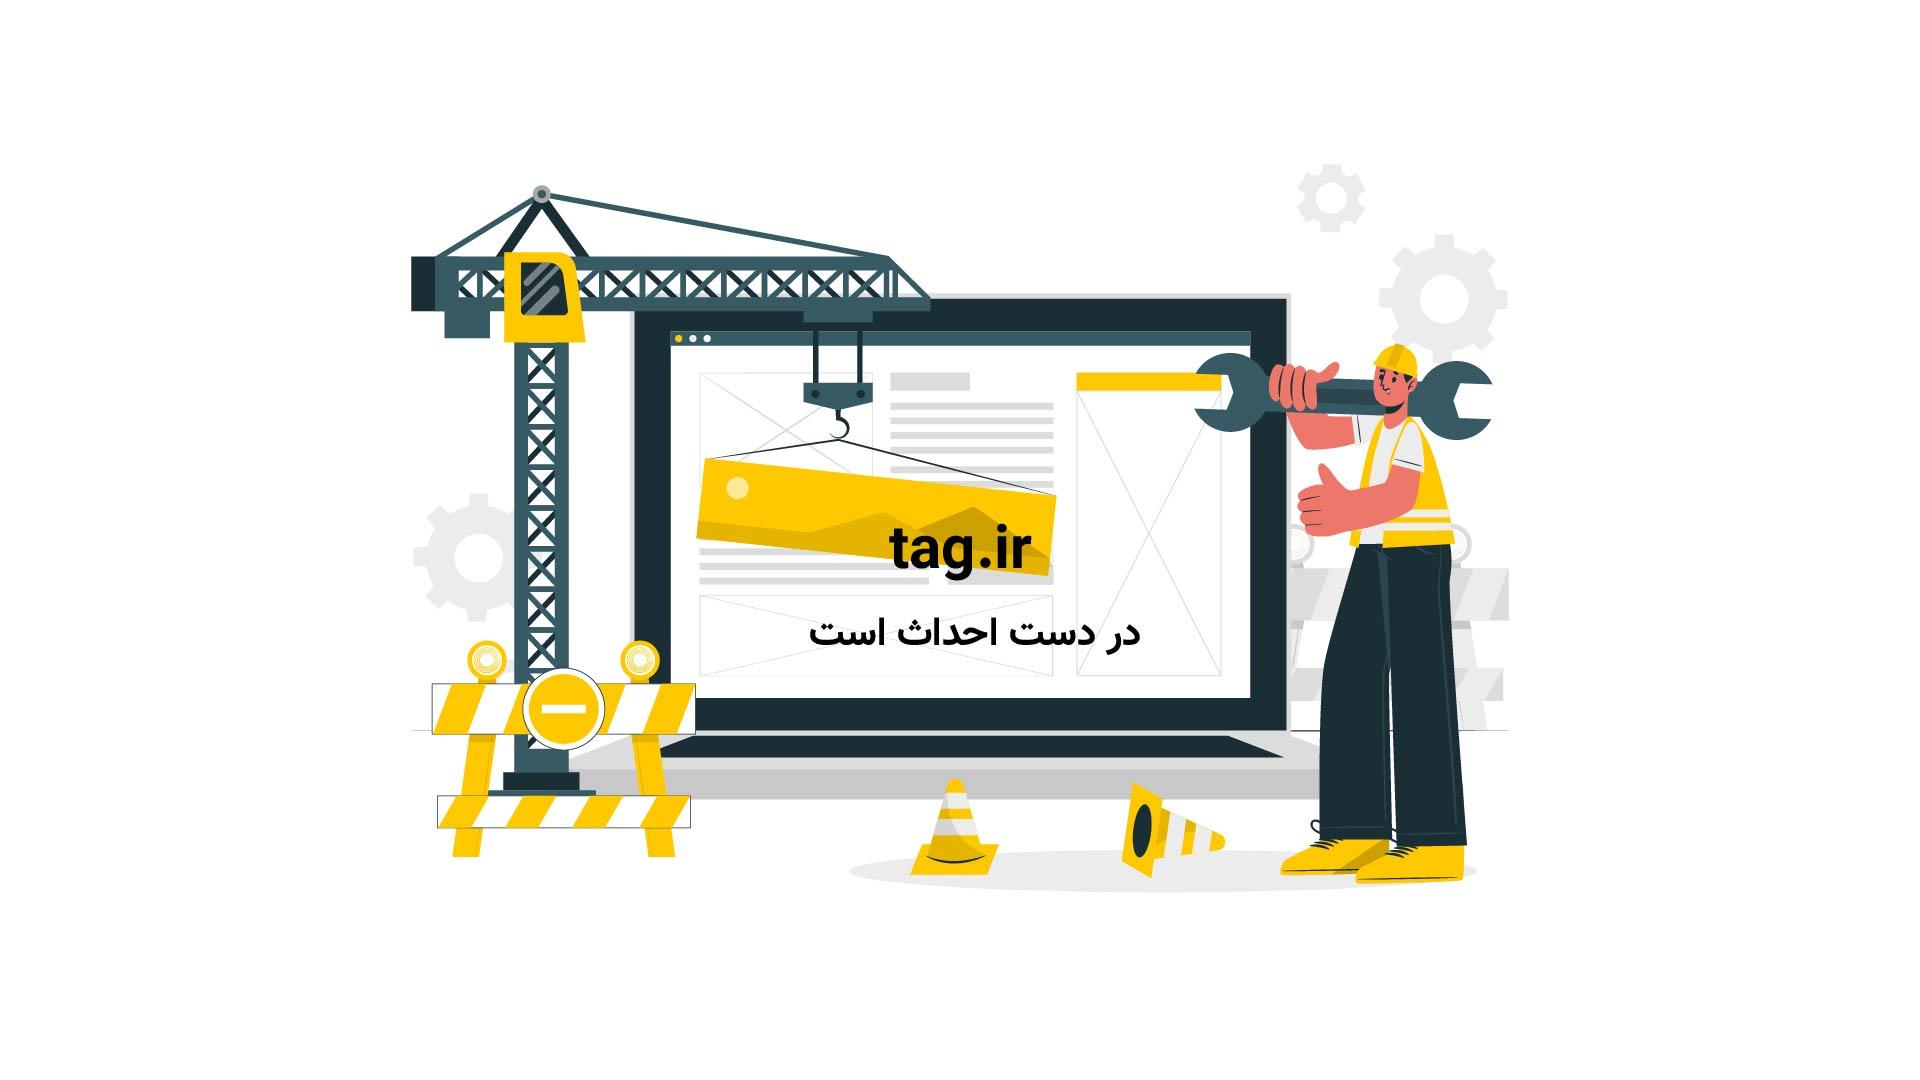 تکیه بیگلربیگی، بازمانده از دوران قاجار در استان کرمانشاه | فیلم